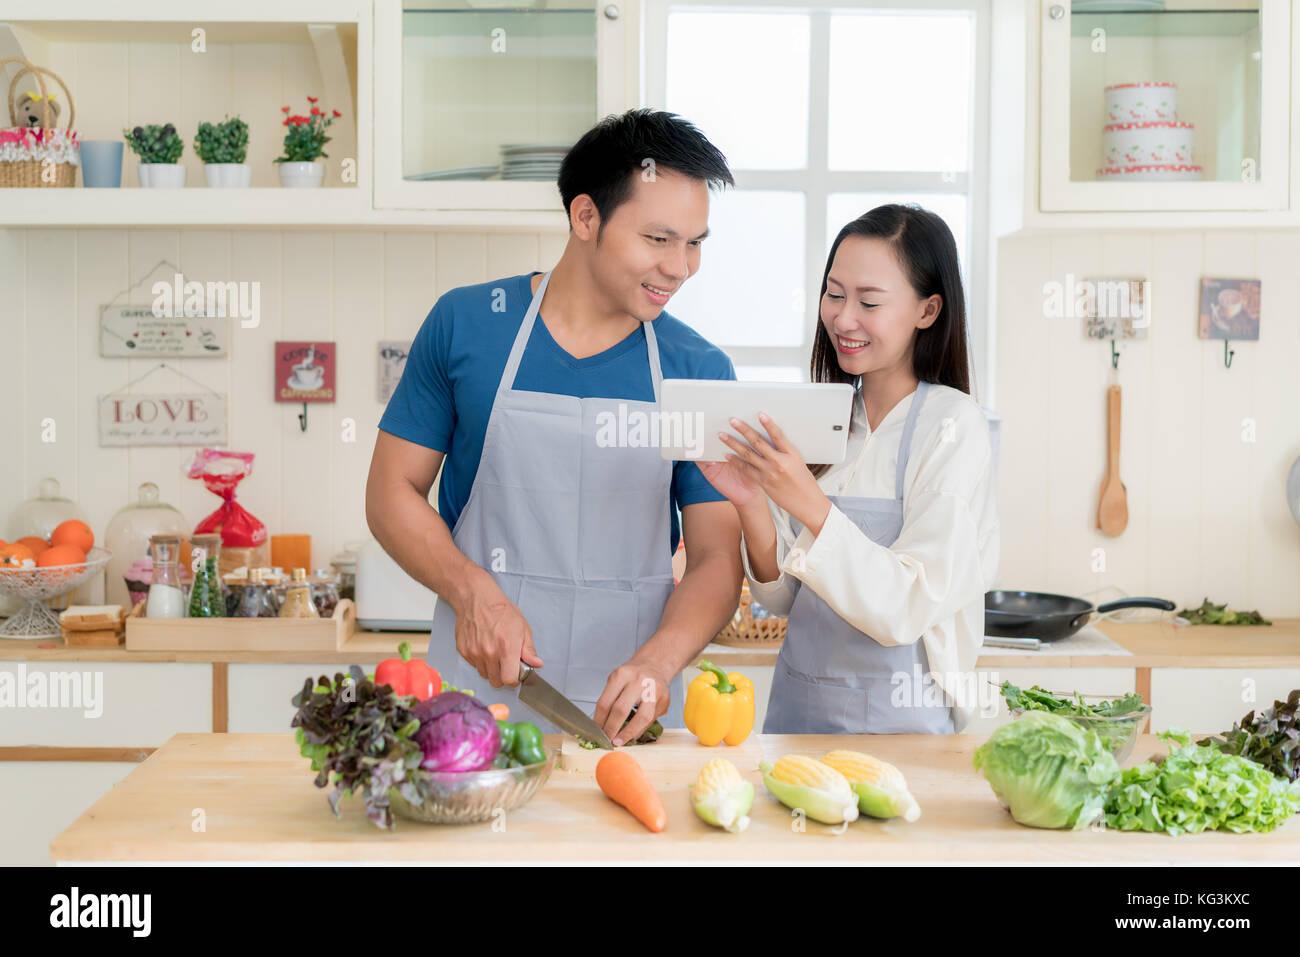 Joven y bella asiática el esposo y la esposa buscando receta de menú en digital tablet en la cocina en Imagen De Stock